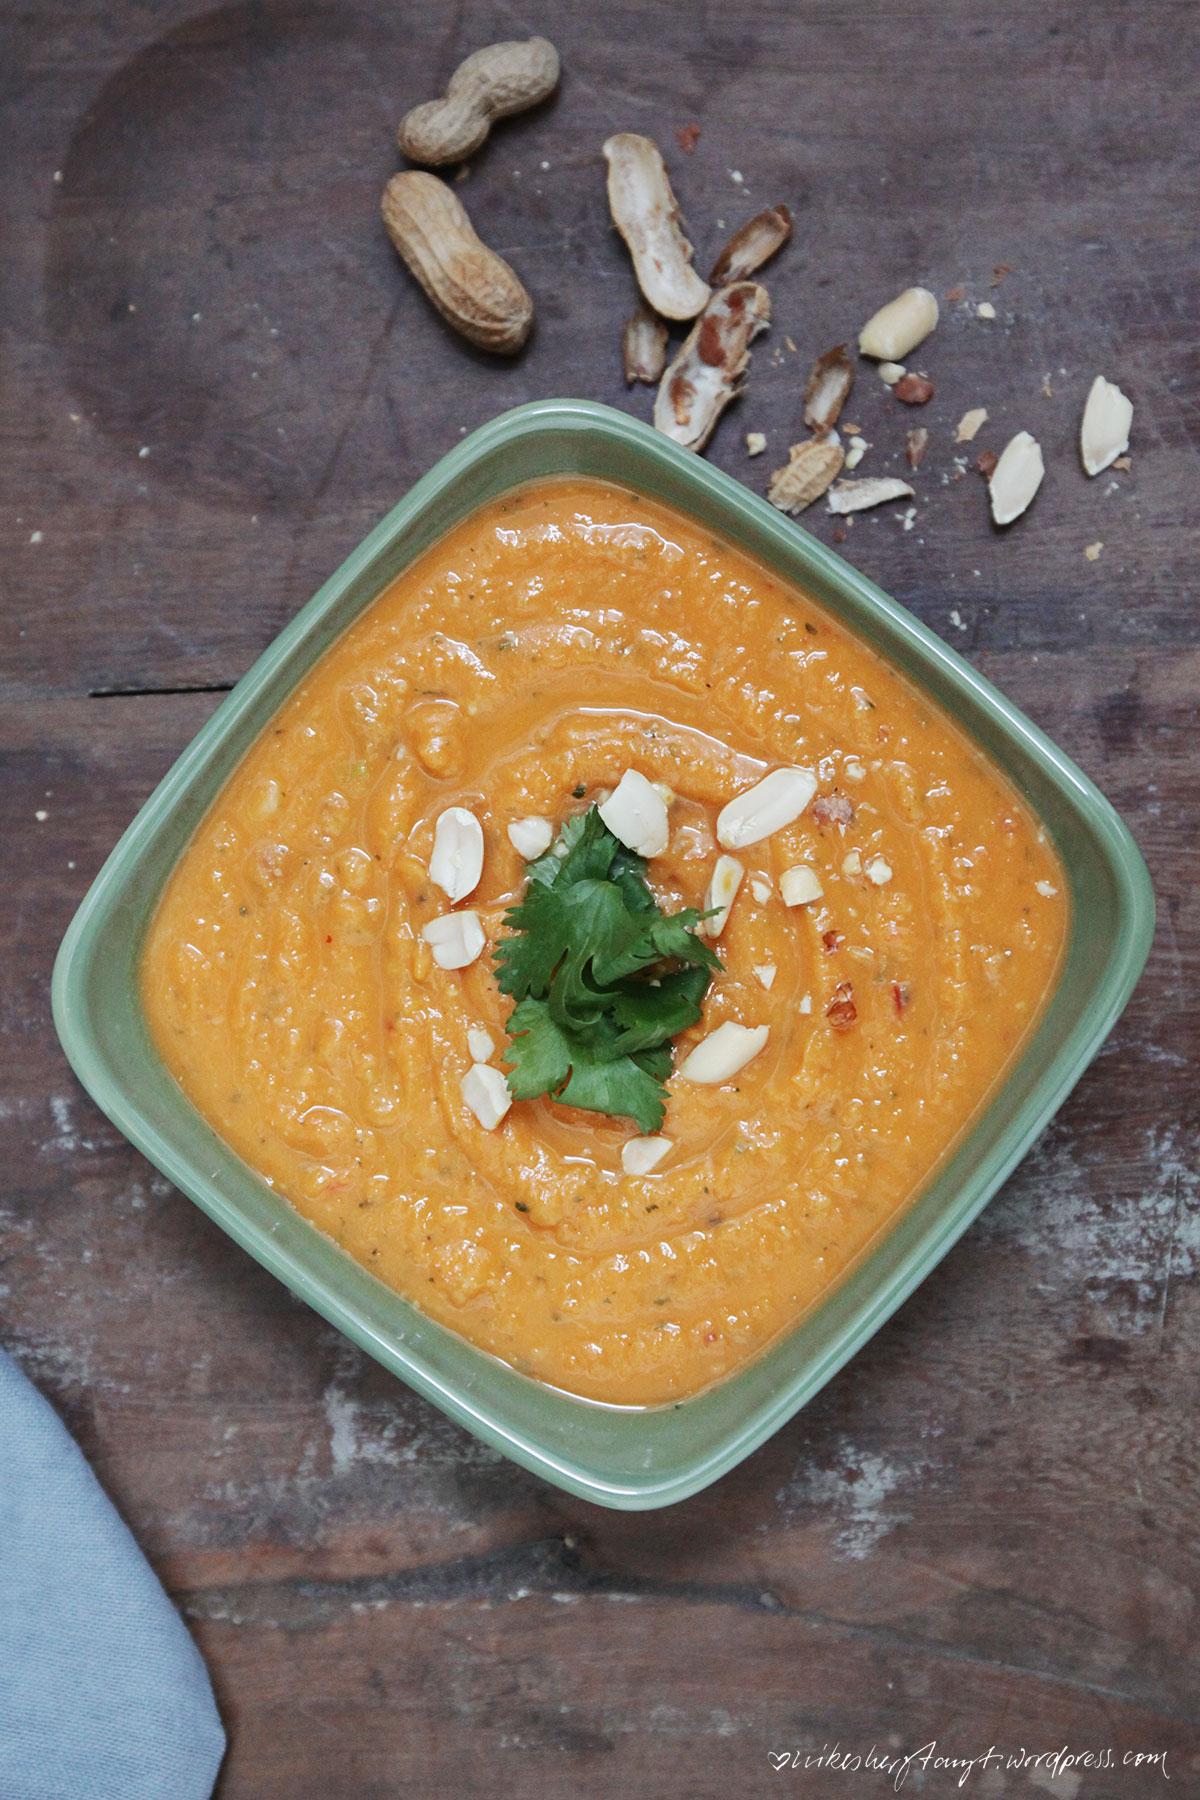 süsskartoffel erdnuss suppe, suppennkaspar, soupy kaspar, erdnussmus, süßkartoffeln, chili, koriander, limetten, erdnüsse, blog, nikesherztanzt